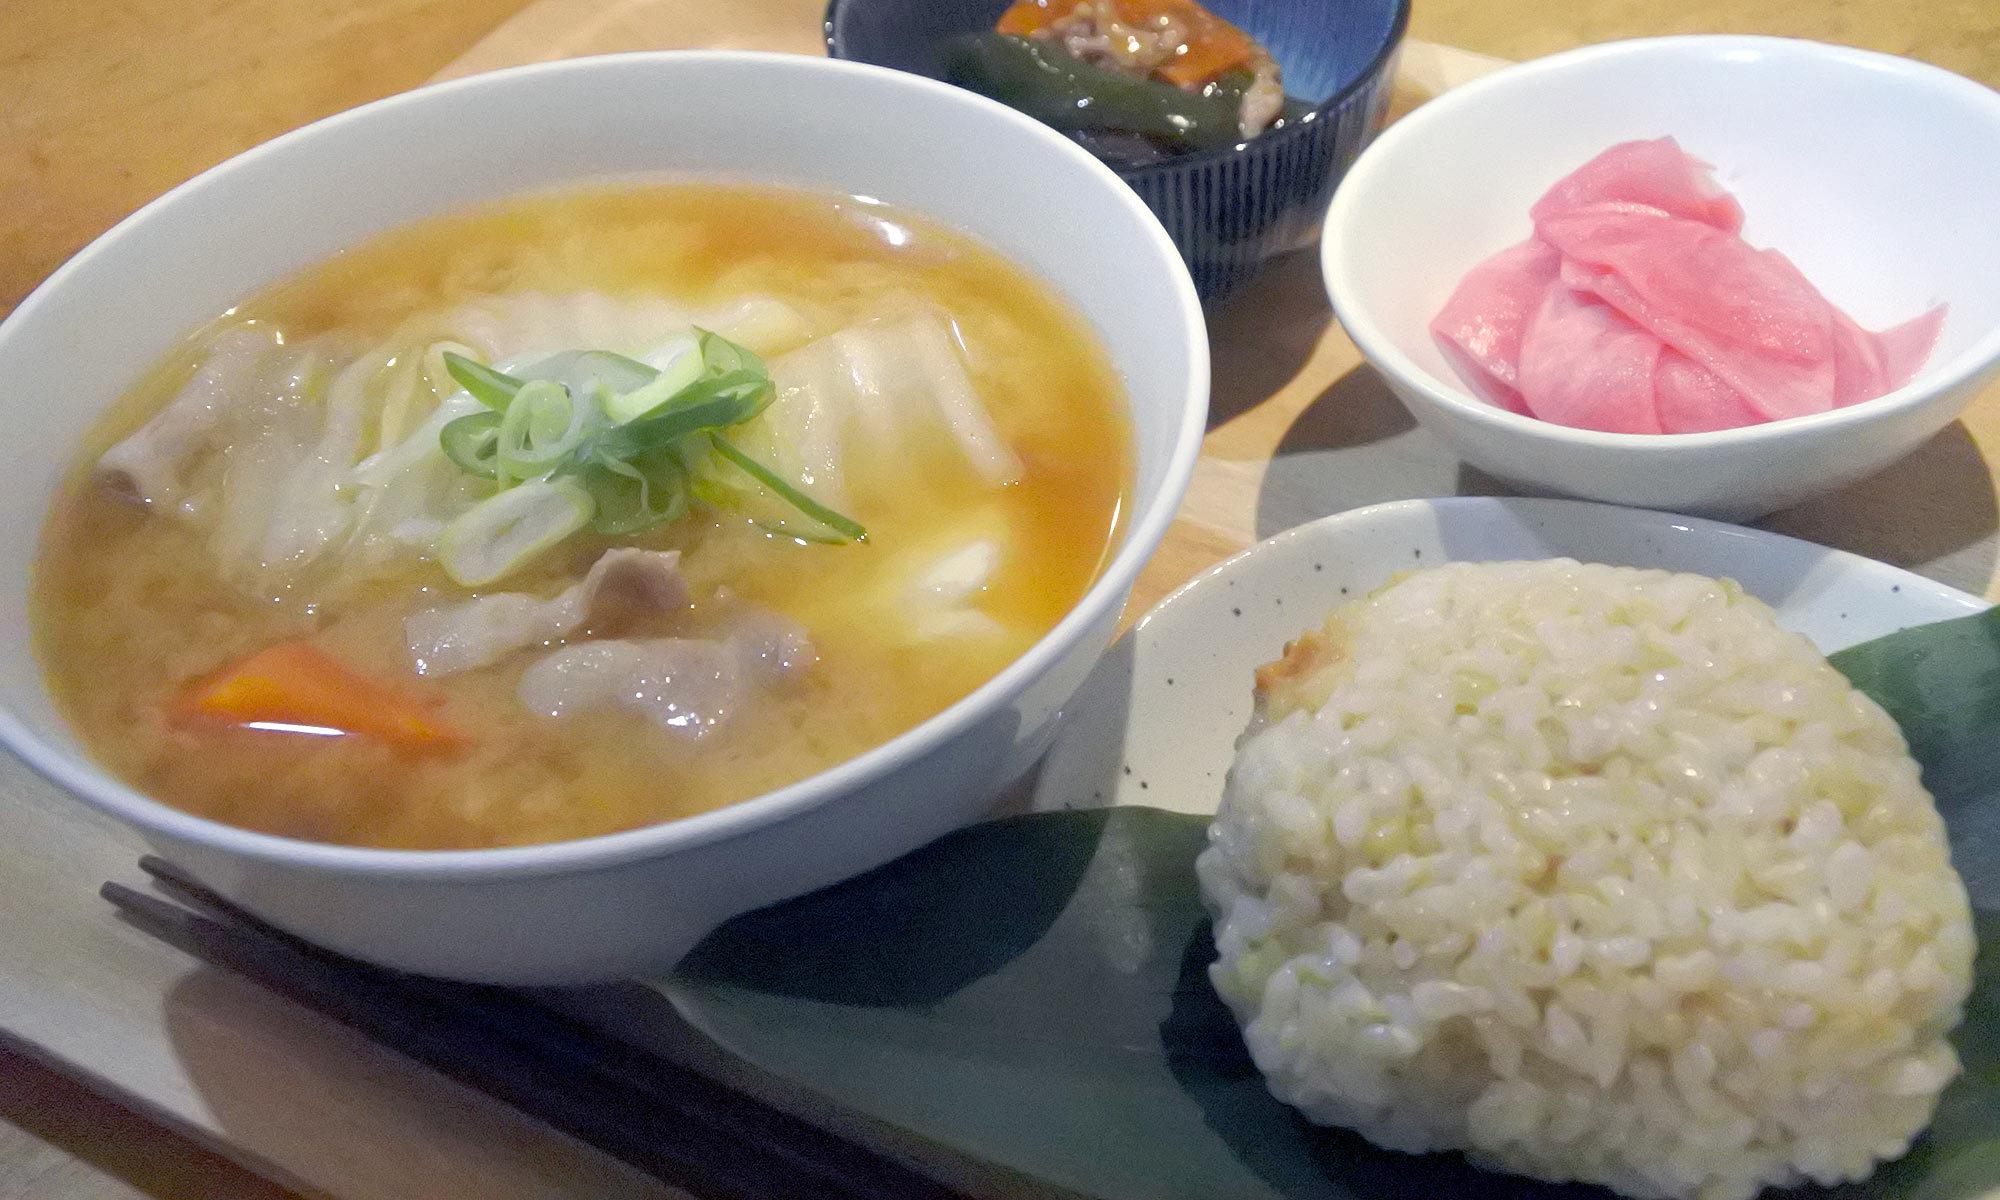 豚汁とおむすびの店 なんぶ屋|札幌二条市場近く、おむすび(おにぎり)と豚汁のお店